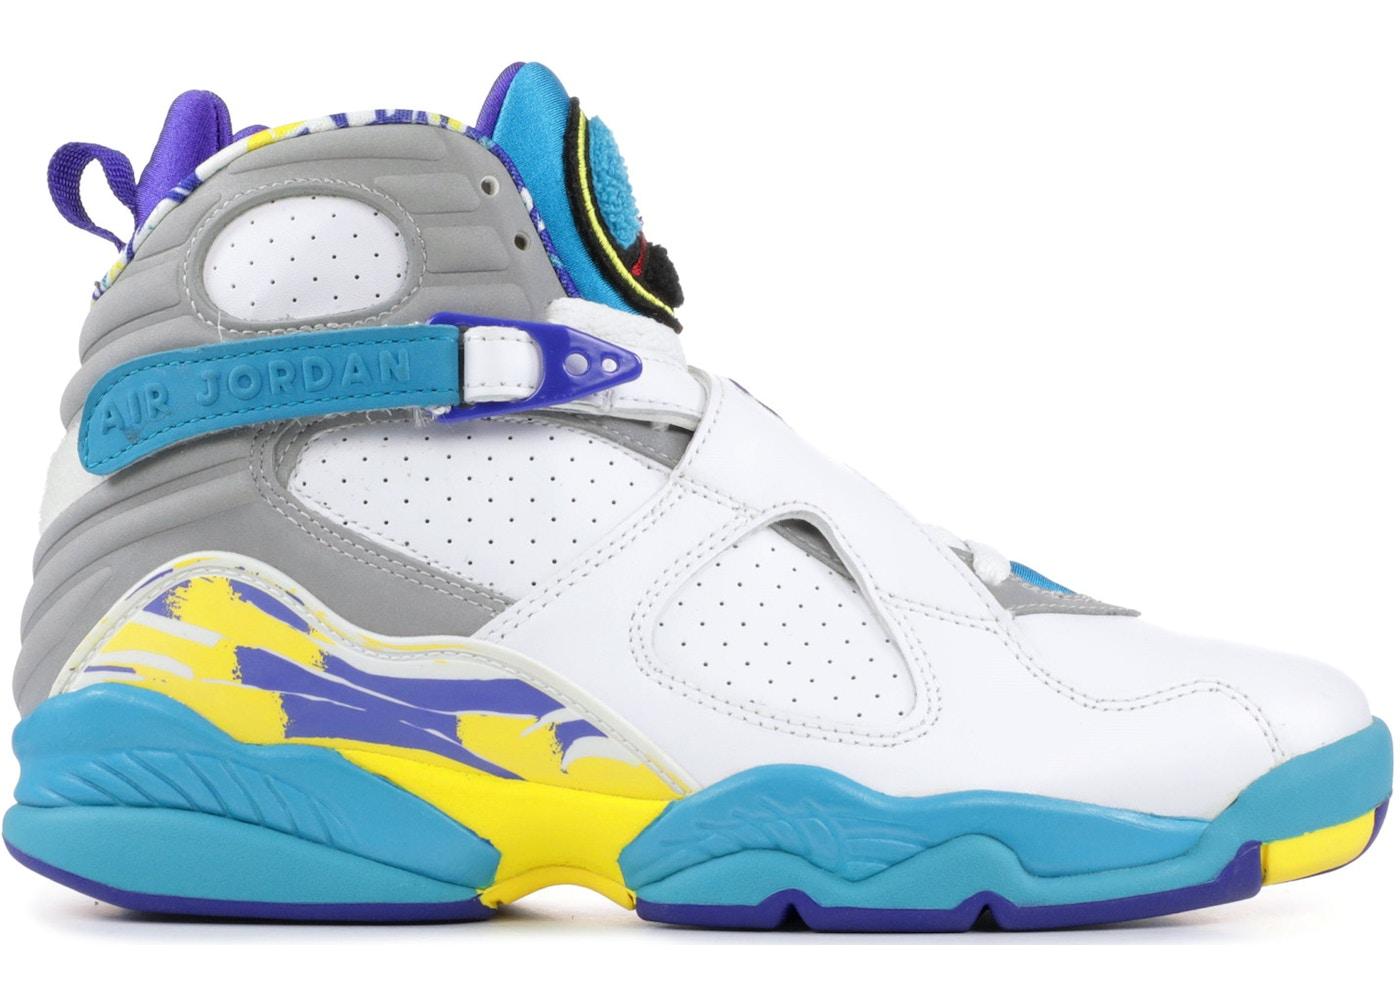 los angeles 08a4e c7186 Air Jordan 8 Shoes - Average Sale Price